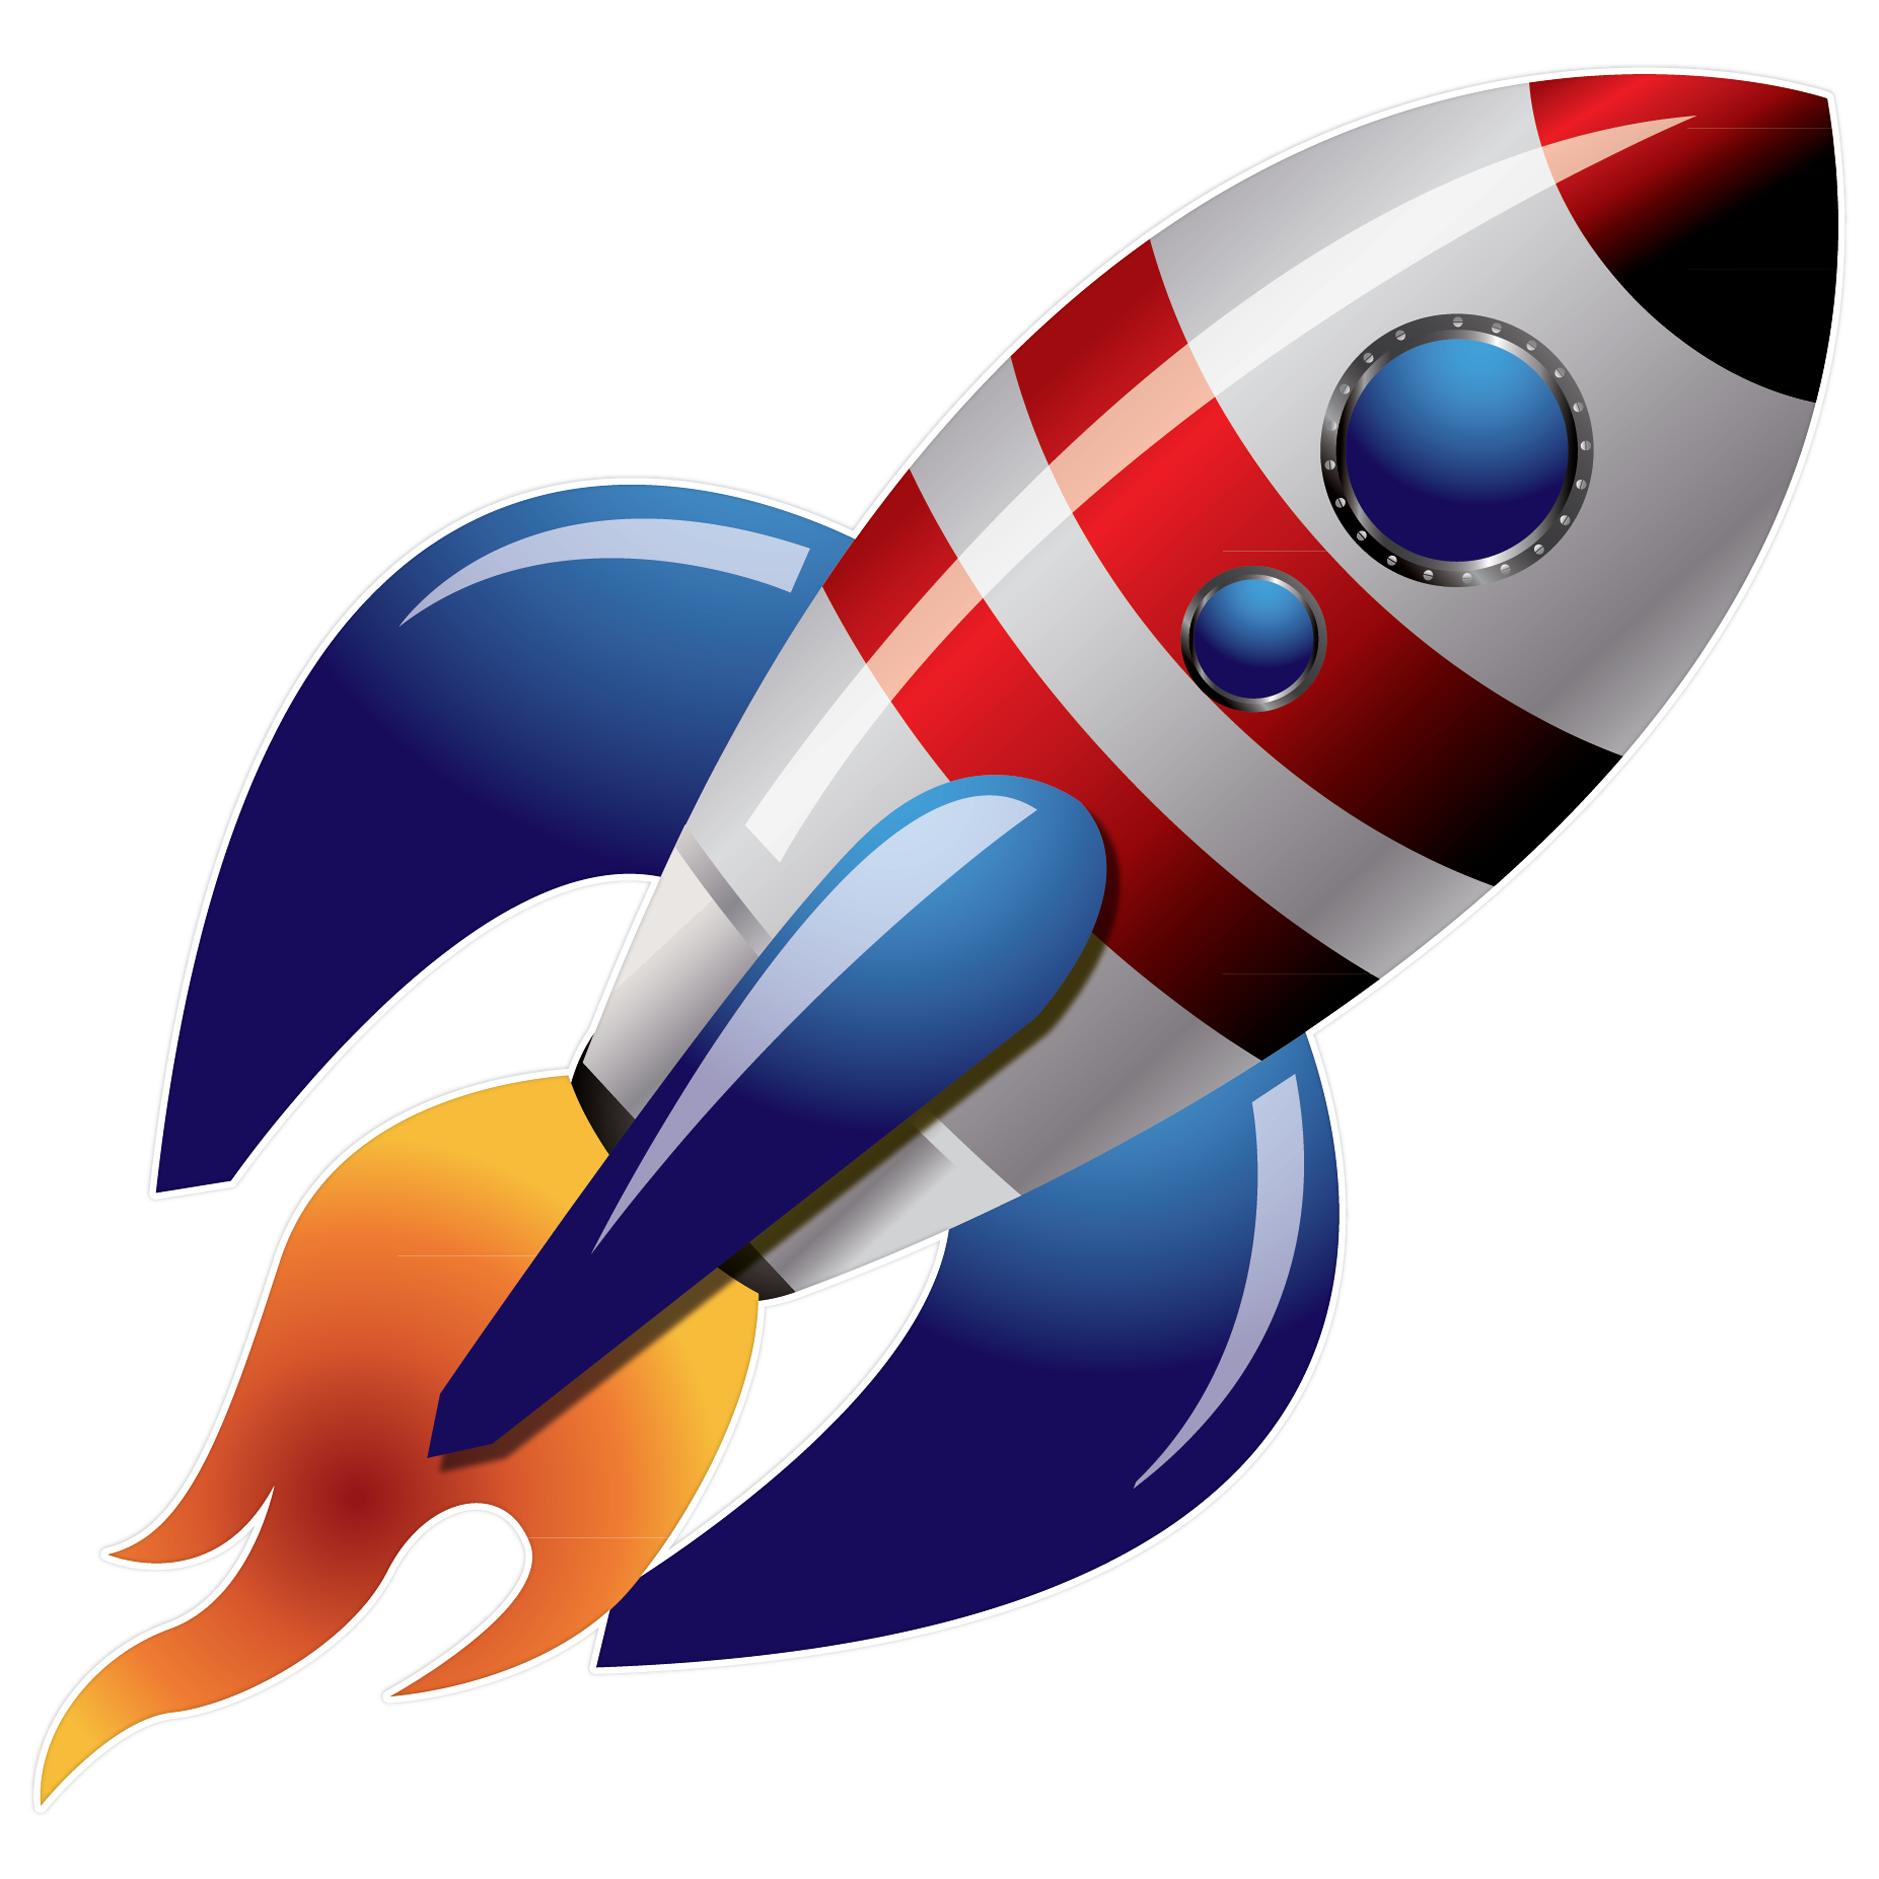 Rocket Backgrounds, Compatible - PC, Mobile, Gadgets| 1879x1879 px